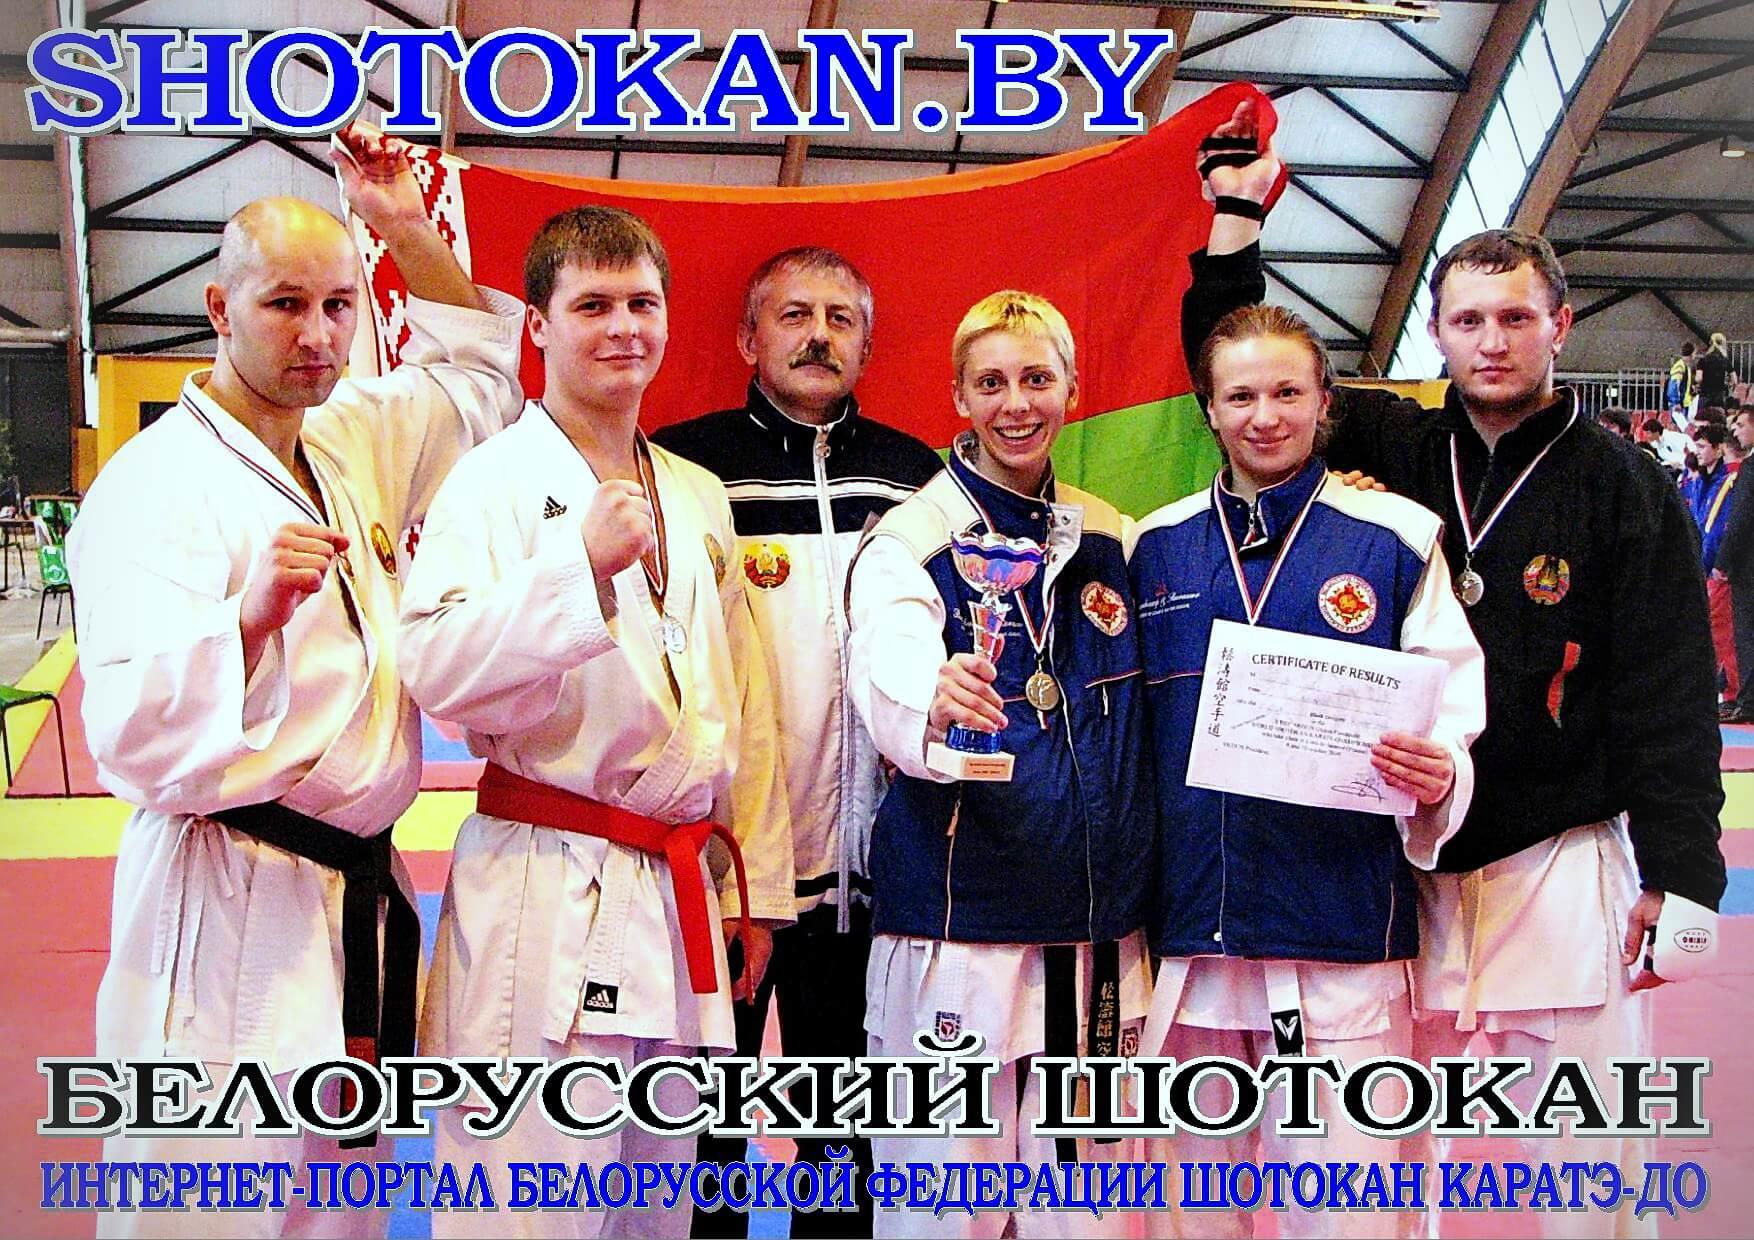 Shotokan.by Интернет-портал